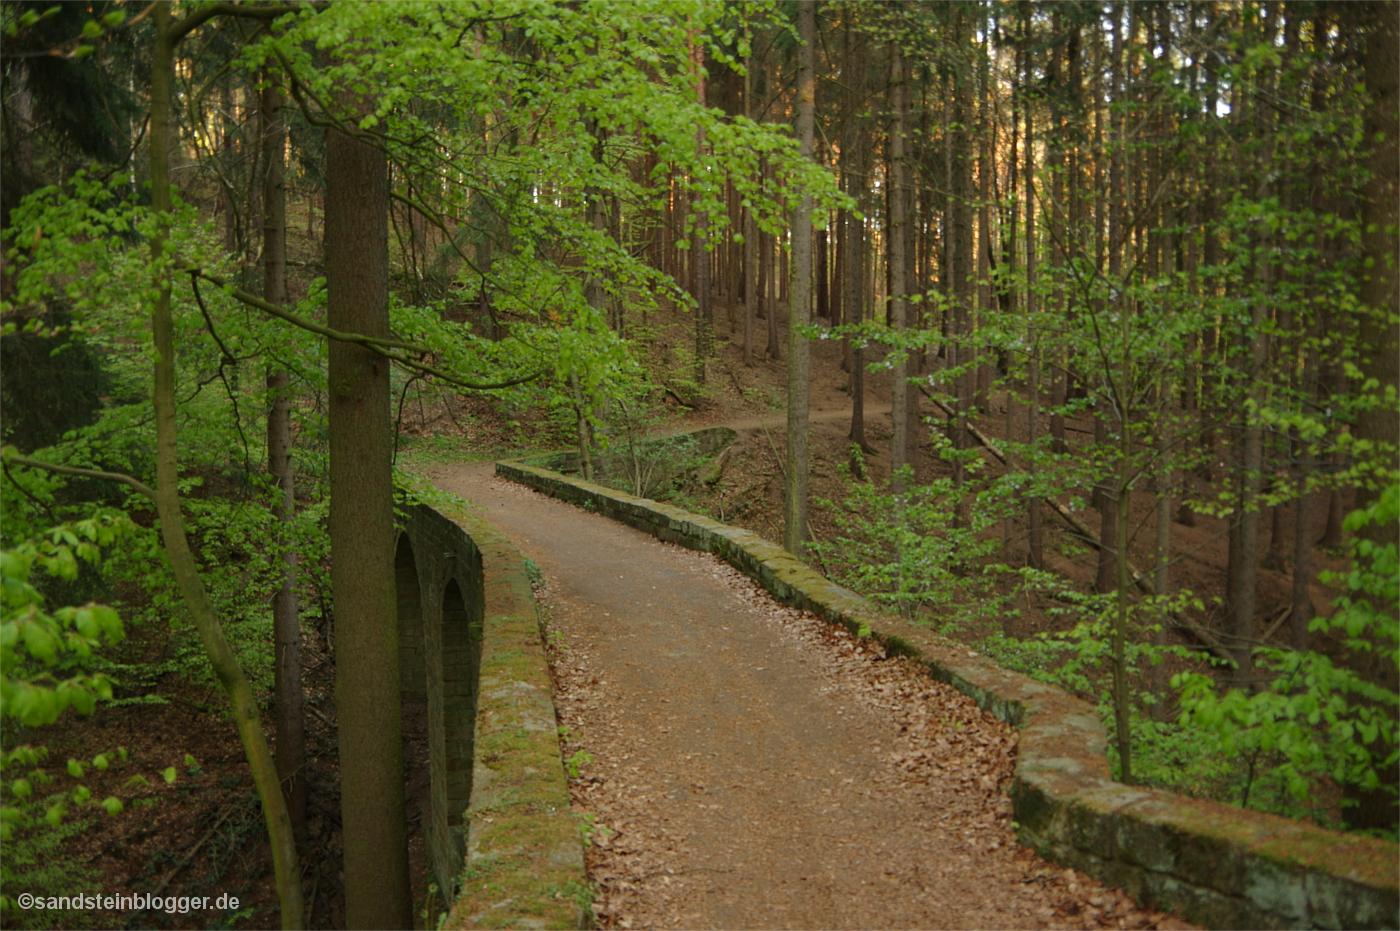 Alte Brücke im Wald